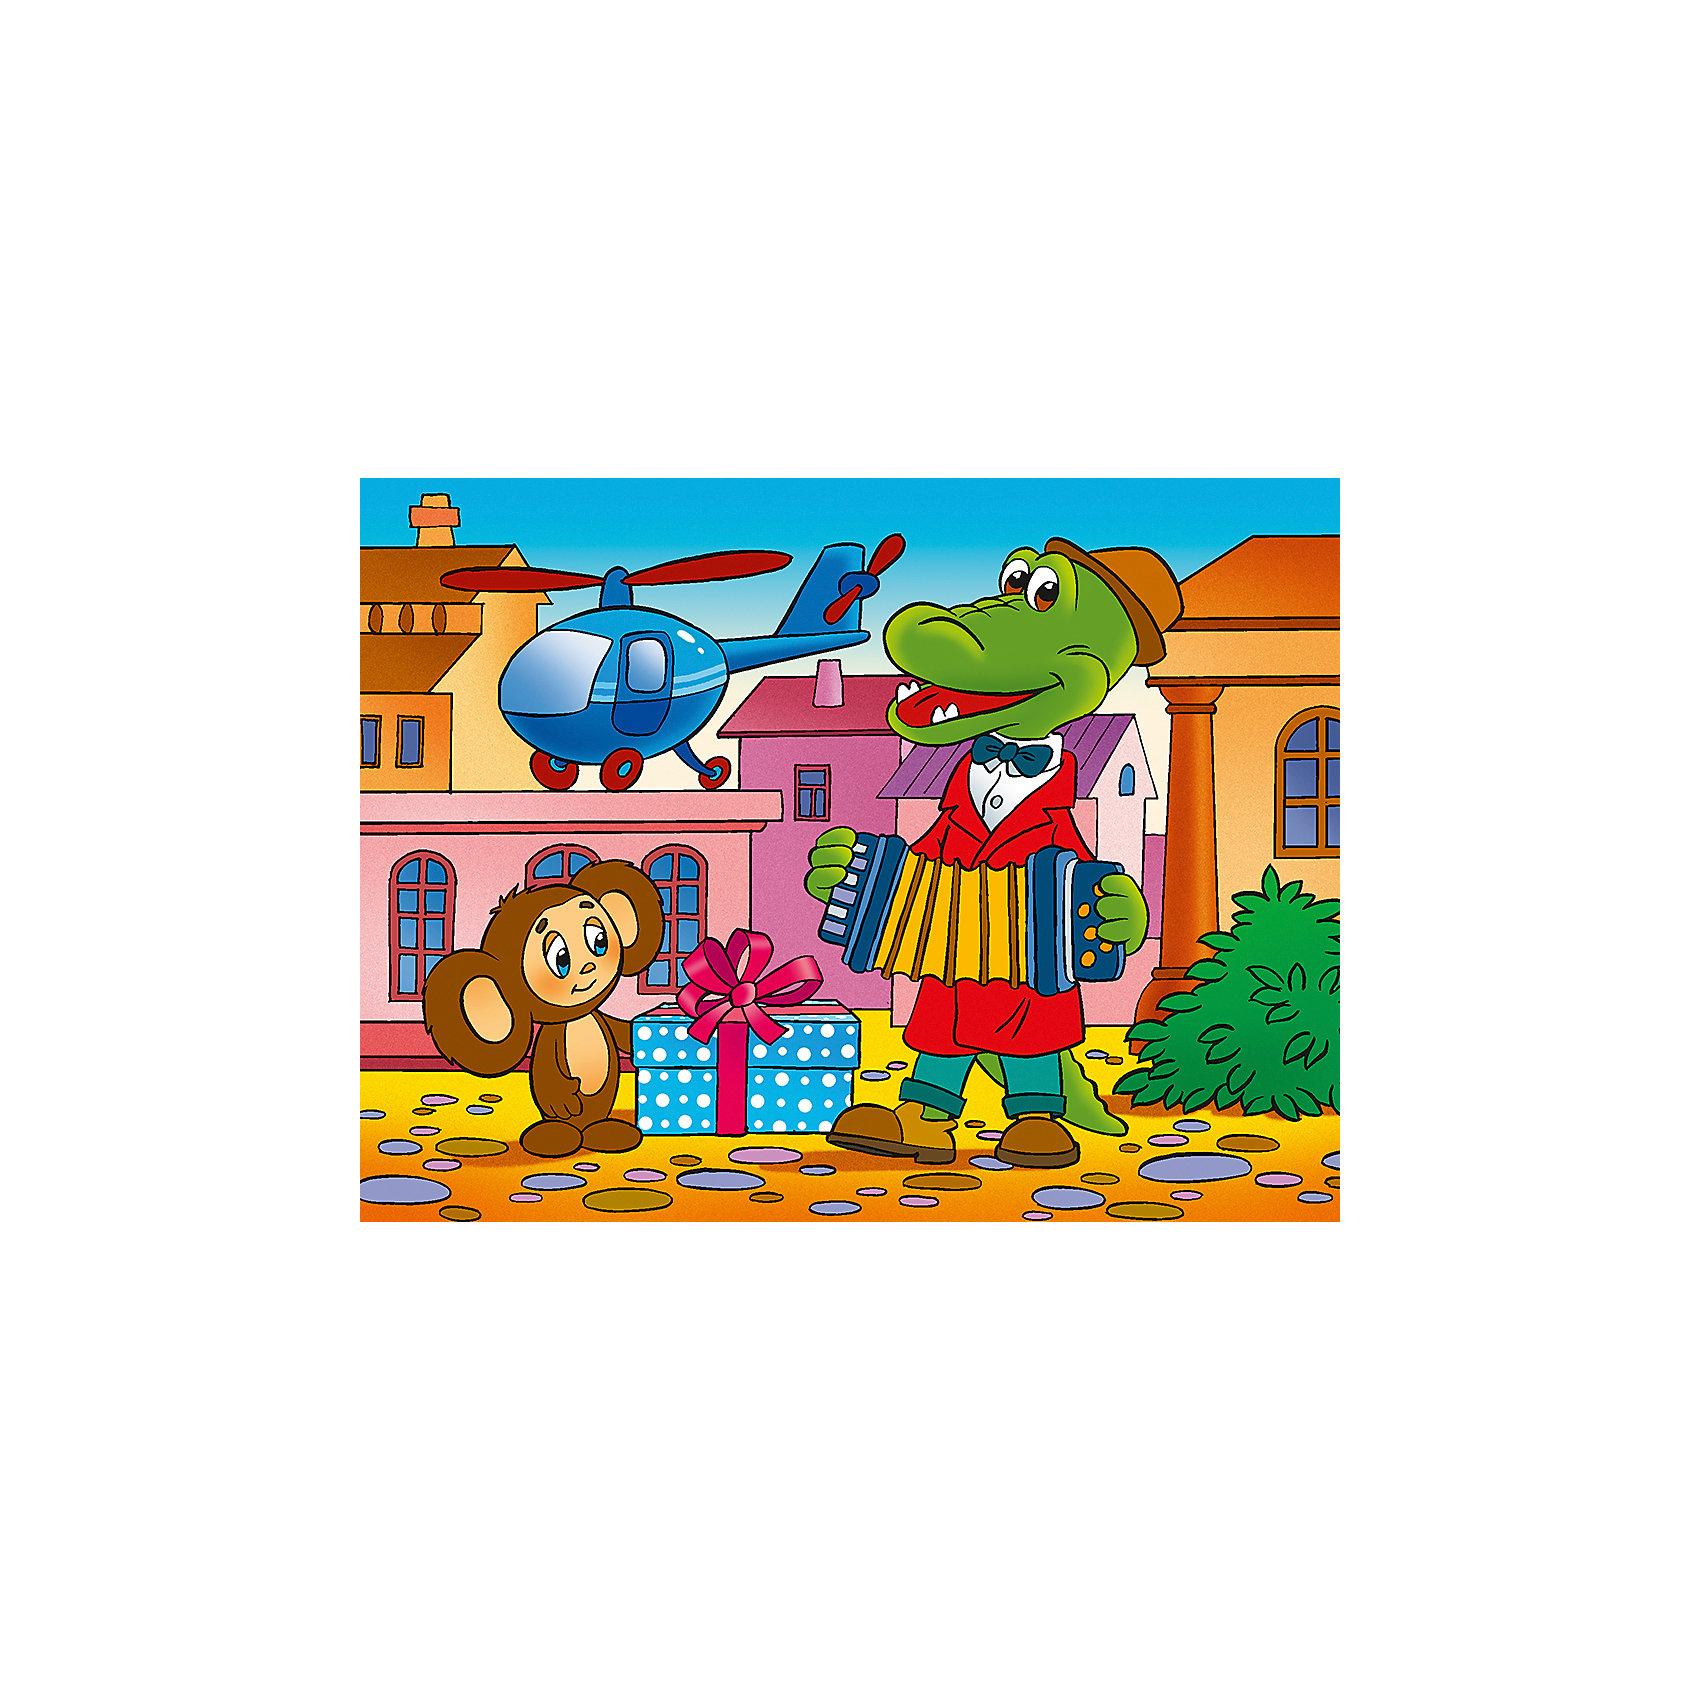 Кубики Чебурашка, 12шт, Step puzzleИгрушки<br>Кубики Чебурашка, 12шт, Step puzzle (Степ пазл) – прекрасный комплект для развлечения, приятного времяпрепровождения с пользой для малыша.<br>Наборы из 12 кубиков – для тех, кто освоил навык сборки картинки из 9 кубиков. Заложенный дидактический принцип «от простого к сложному» позволит ребёнку поверить в свои силы. А герои популярного мультфильма сделают кубики любимой игрушкой. Кубики – это увлекательная игра и полезное занятие, развивающее логику, мелкую моторику, внимание и мышление малыша. Кроме того, занятия с кубиками помогают малышу усвоить такие важные понятия как часть и целое.<br><br>Дополнительная информация:<br><br>- В наборе: 12 кубиков<br>- Сторона кубика: 4 см.<br>- Размер готовой картинки: 12х16 см.<br>- Упаковка: картонная коробка<br>- Размер упаковки: 16х12х4 см.<br>- Вес: 300 гр.<br><br>Кубики Чебурашка, 12шт, Step puzzle (Степ пазл) можно купить в нашем интернет-магазине.<br><br>Ширина мм: 12<br>Глубина мм: 4<br>Высота мм: 16<br>Вес г: 300<br>Возраст от месяцев: 36<br>Возраст до месяцев: 60<br>Пол: Унисекс<br>Возраст: Детский<br>SKU: 4048186